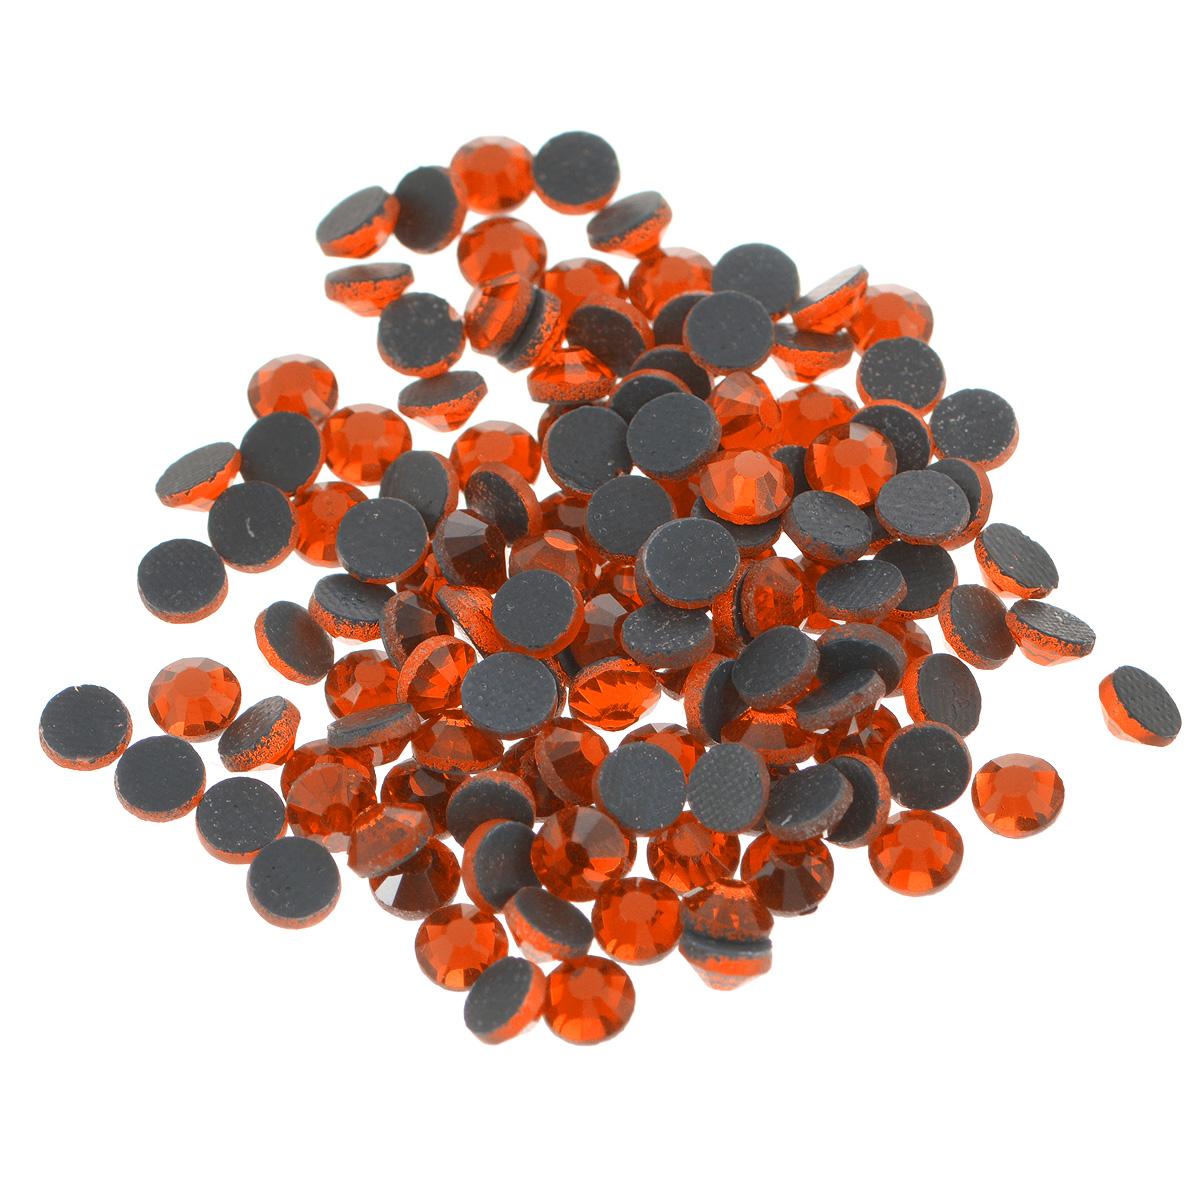 Стразы термоклеевые Cristal, цвет: гранатовый (248), диаметр 4,8 мм, 144 шт7706832_248Набор термоклеевых страз Cristal, изготовленный из высококачественного акрила, позволит вам украсить одежду, аксессуары или текстиль. Яркие стразы имеют плоское дно и круглую поверхность с гранями.Дно термоклеевых страз уже обработано особым клеем, который под воздействием высоких температур начинает плавиться, приклеиваясь, таким образом, к требуемой поверхности. Чаще всего их используют в текстильной промышленности: стразы прикладывают к ткани и проглаживают утюгом с обратной стороны. Также можно использовать специальный паяльник. Украшение стразами поможет сделать любую вещь оригинальной и неповторимой. Диаметр стразы: 4,8 мм.